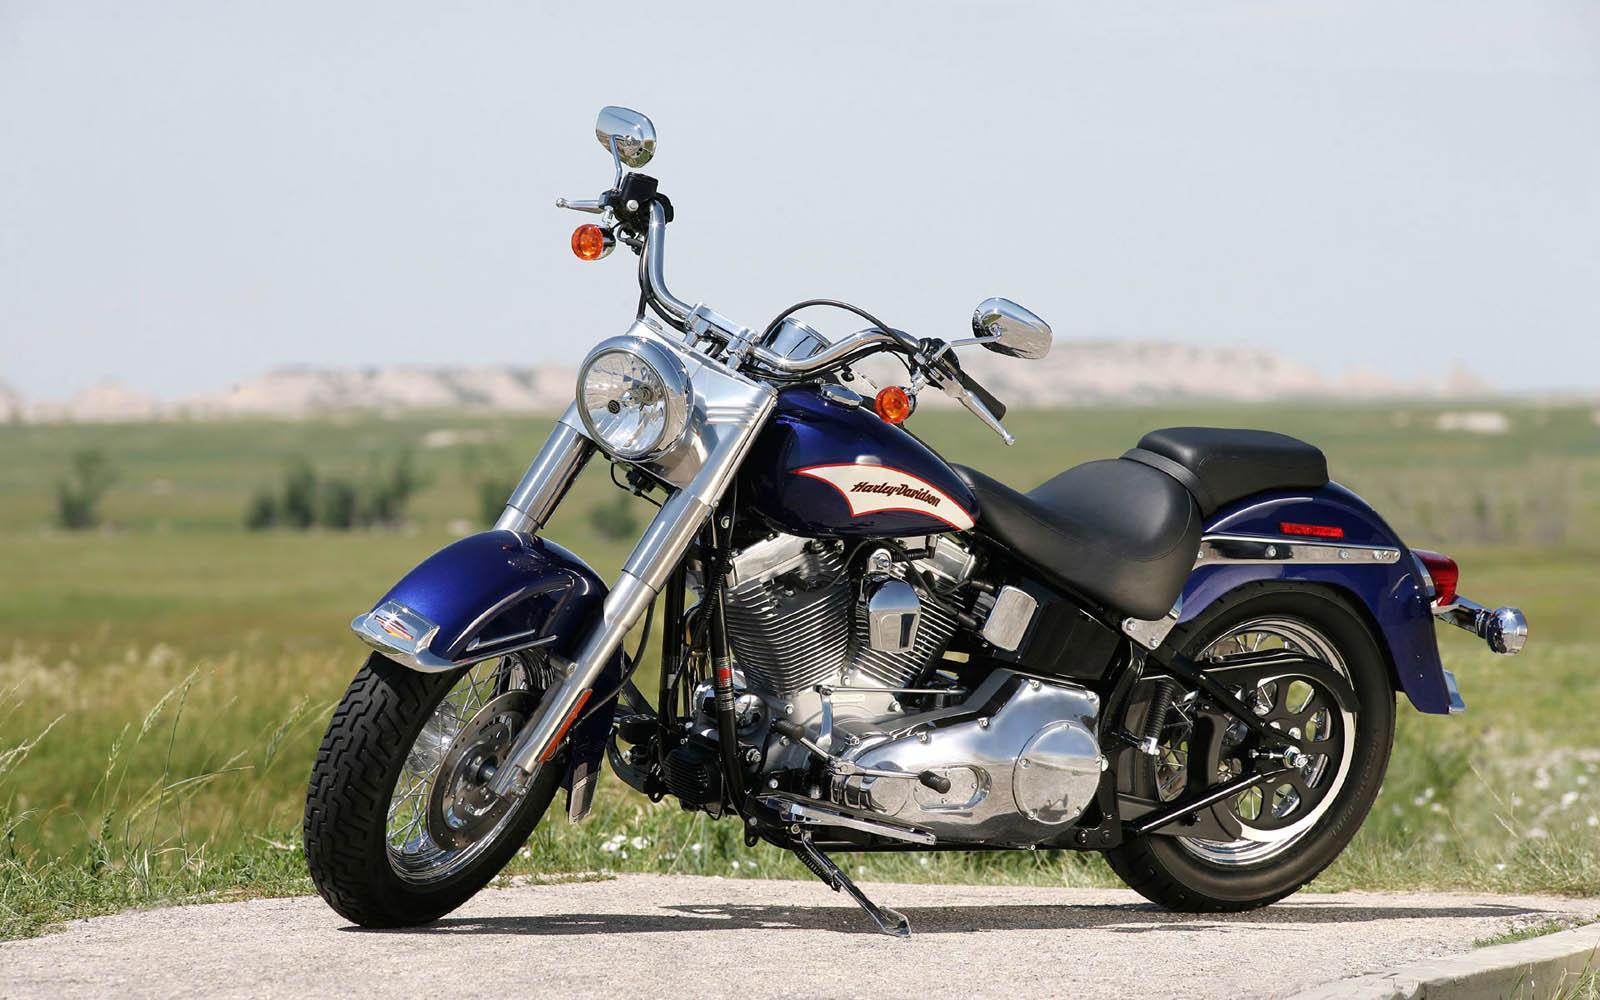 Harley Davidson Video 3 Phase Lighting Wiring Diagram Wallpapers Bikes